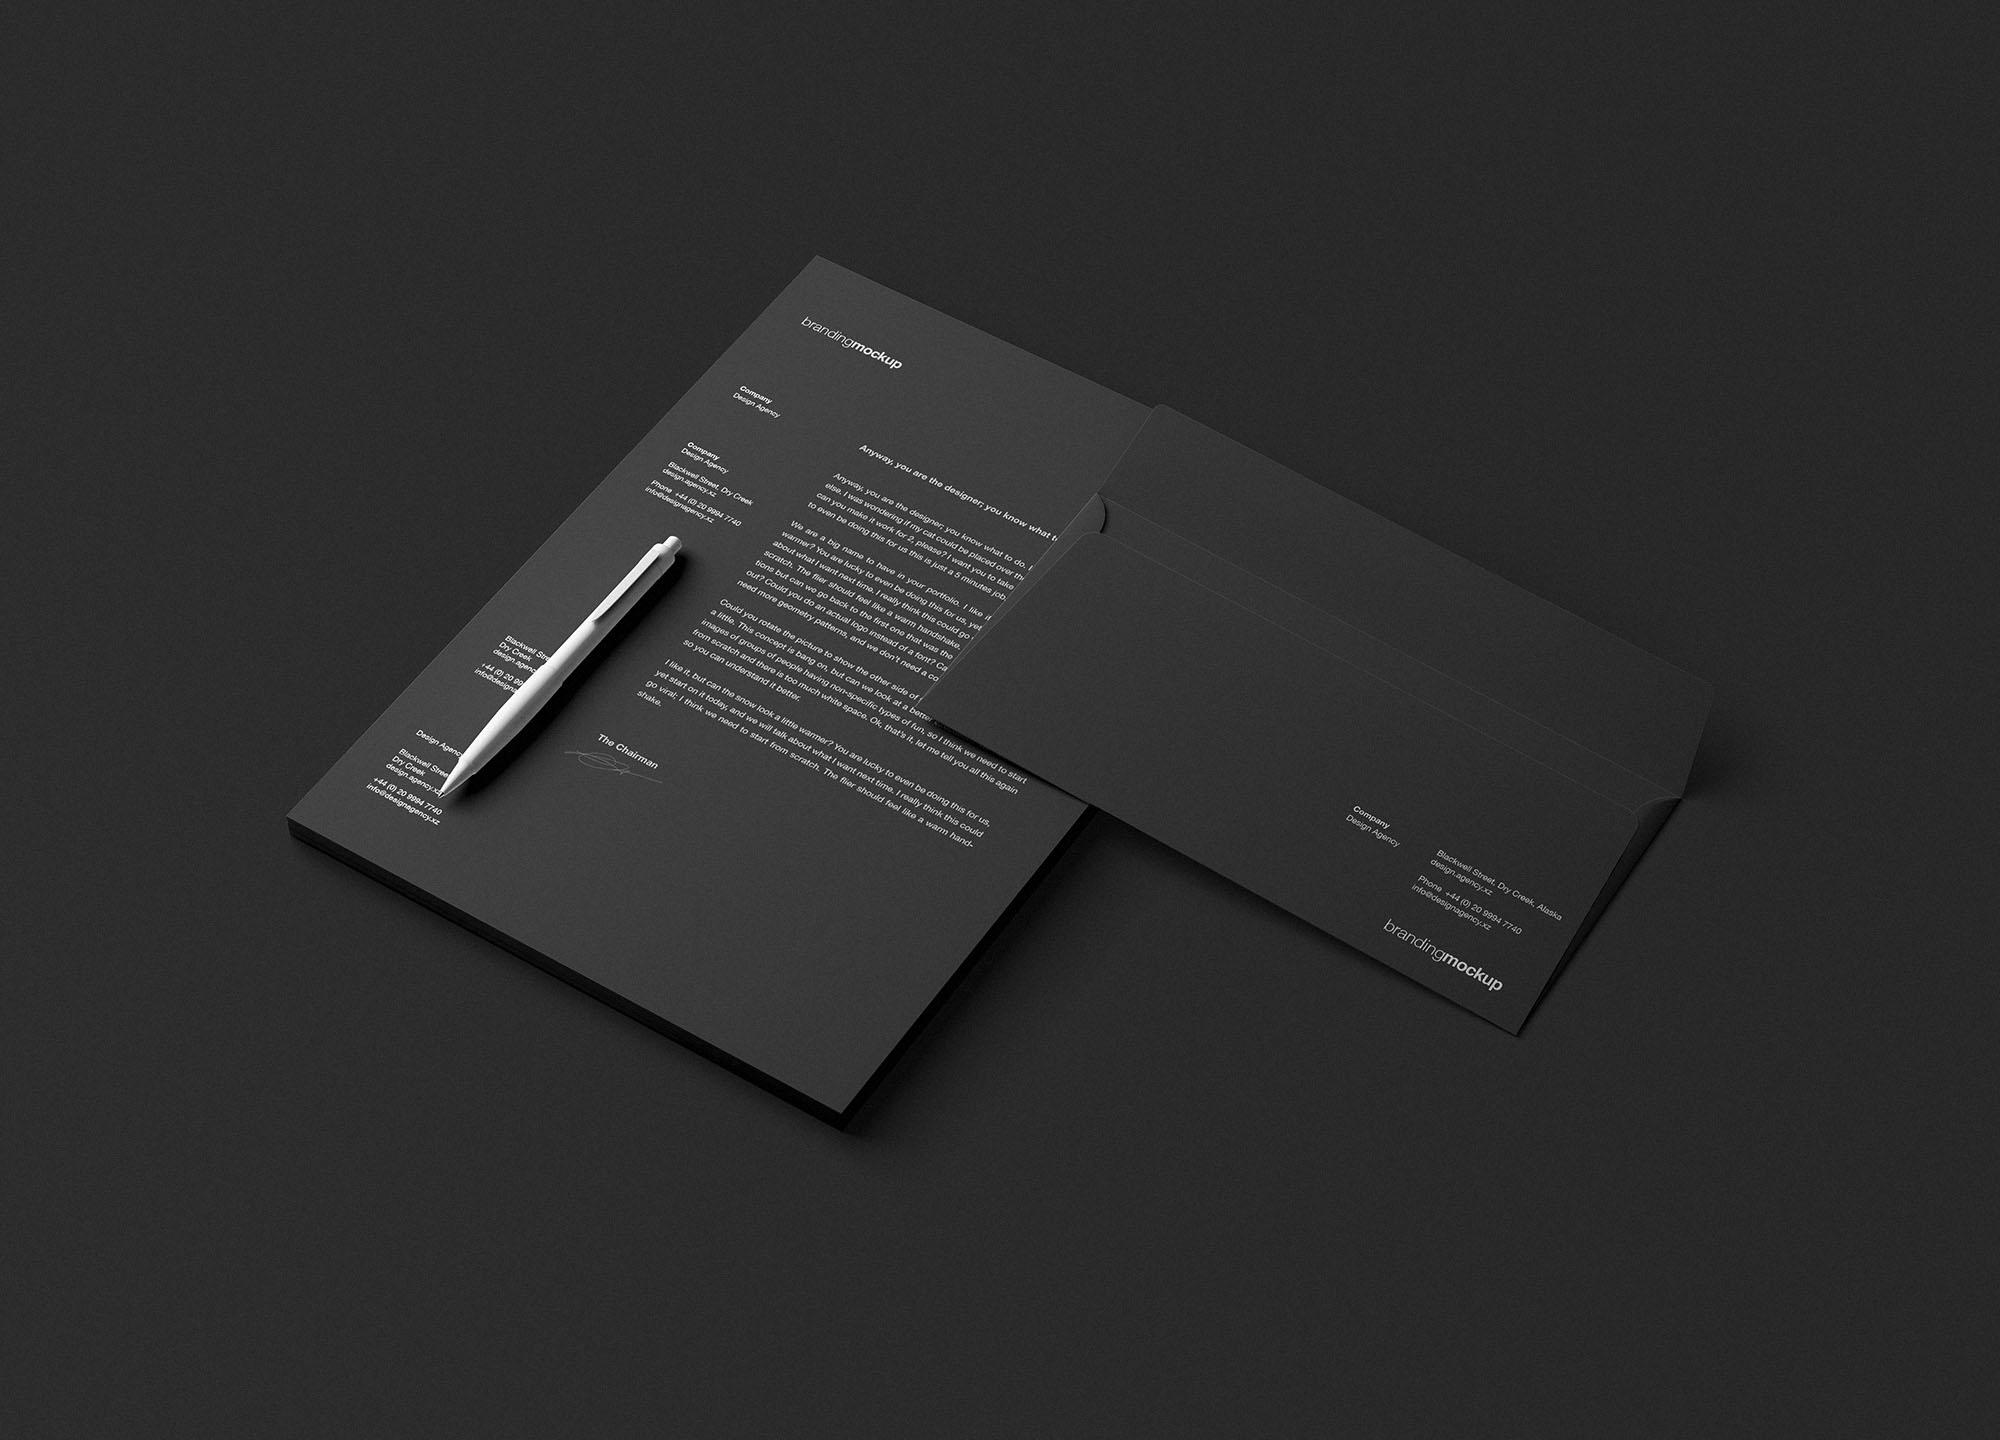 Branding Mockup Black